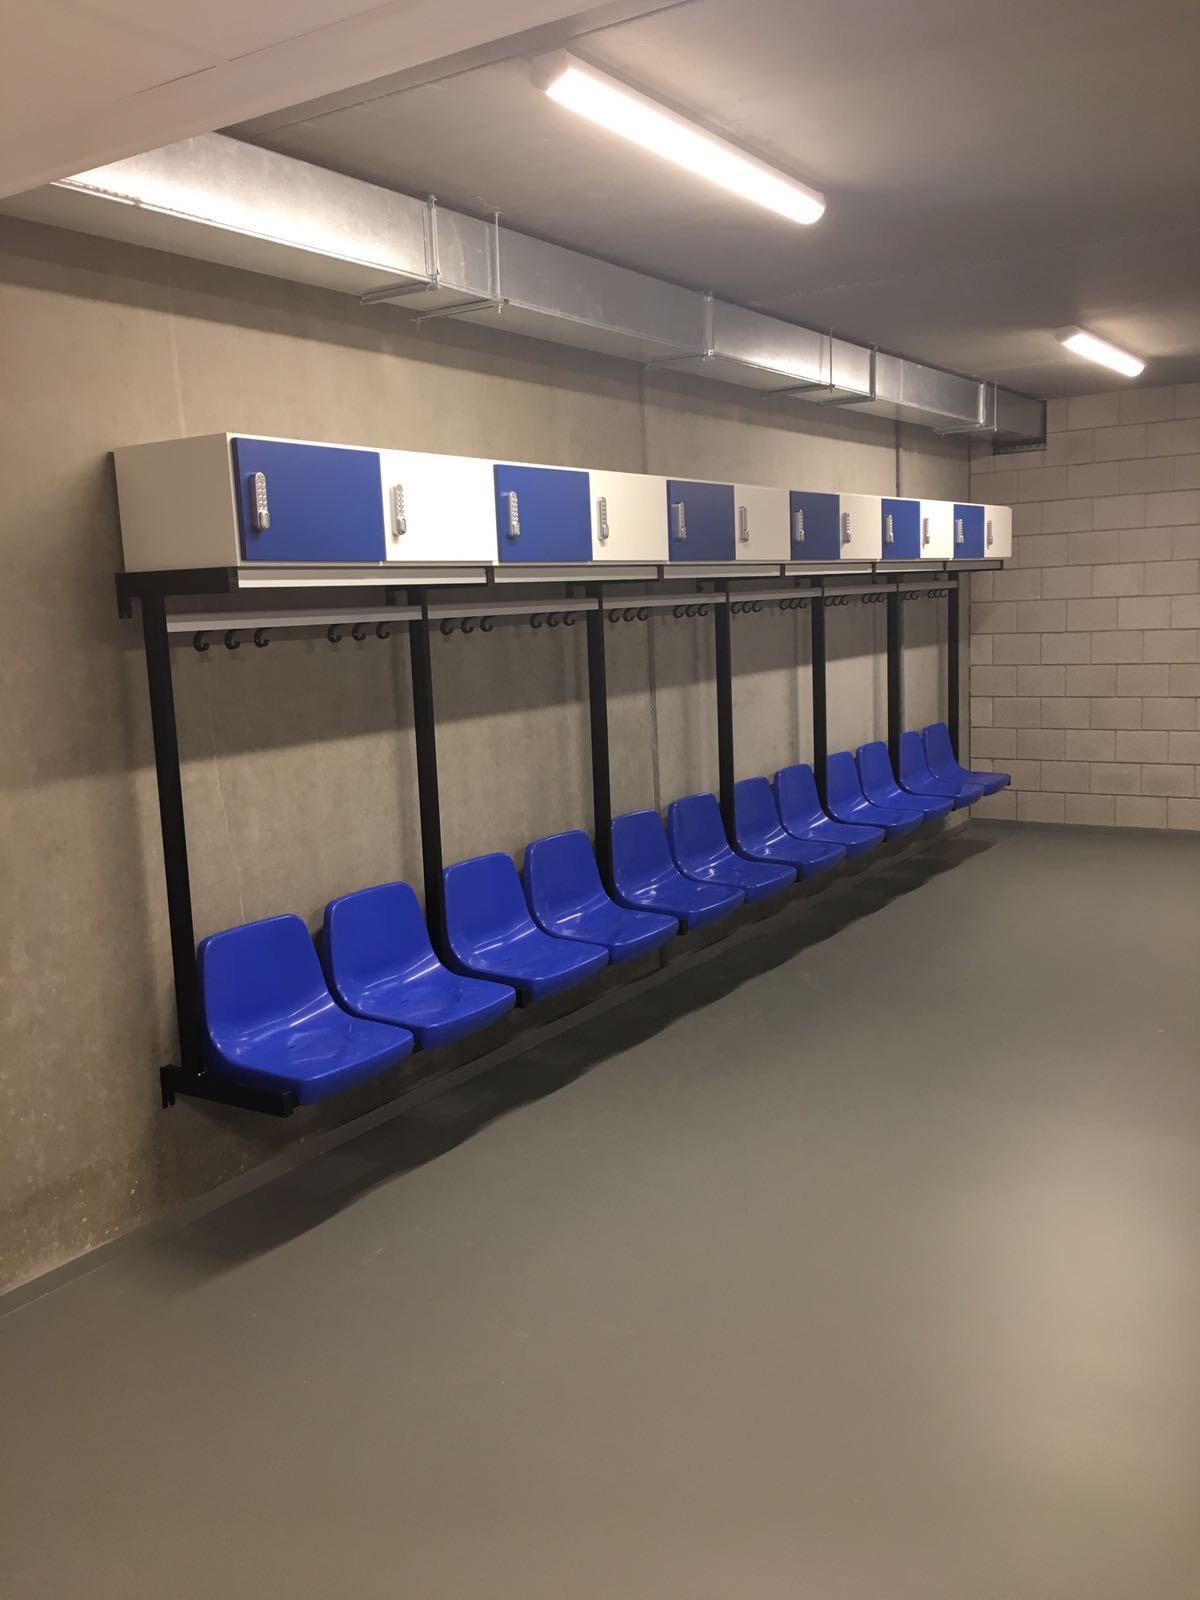 kleedkamerbank cr4 kleedkamer blauw wit stoelen